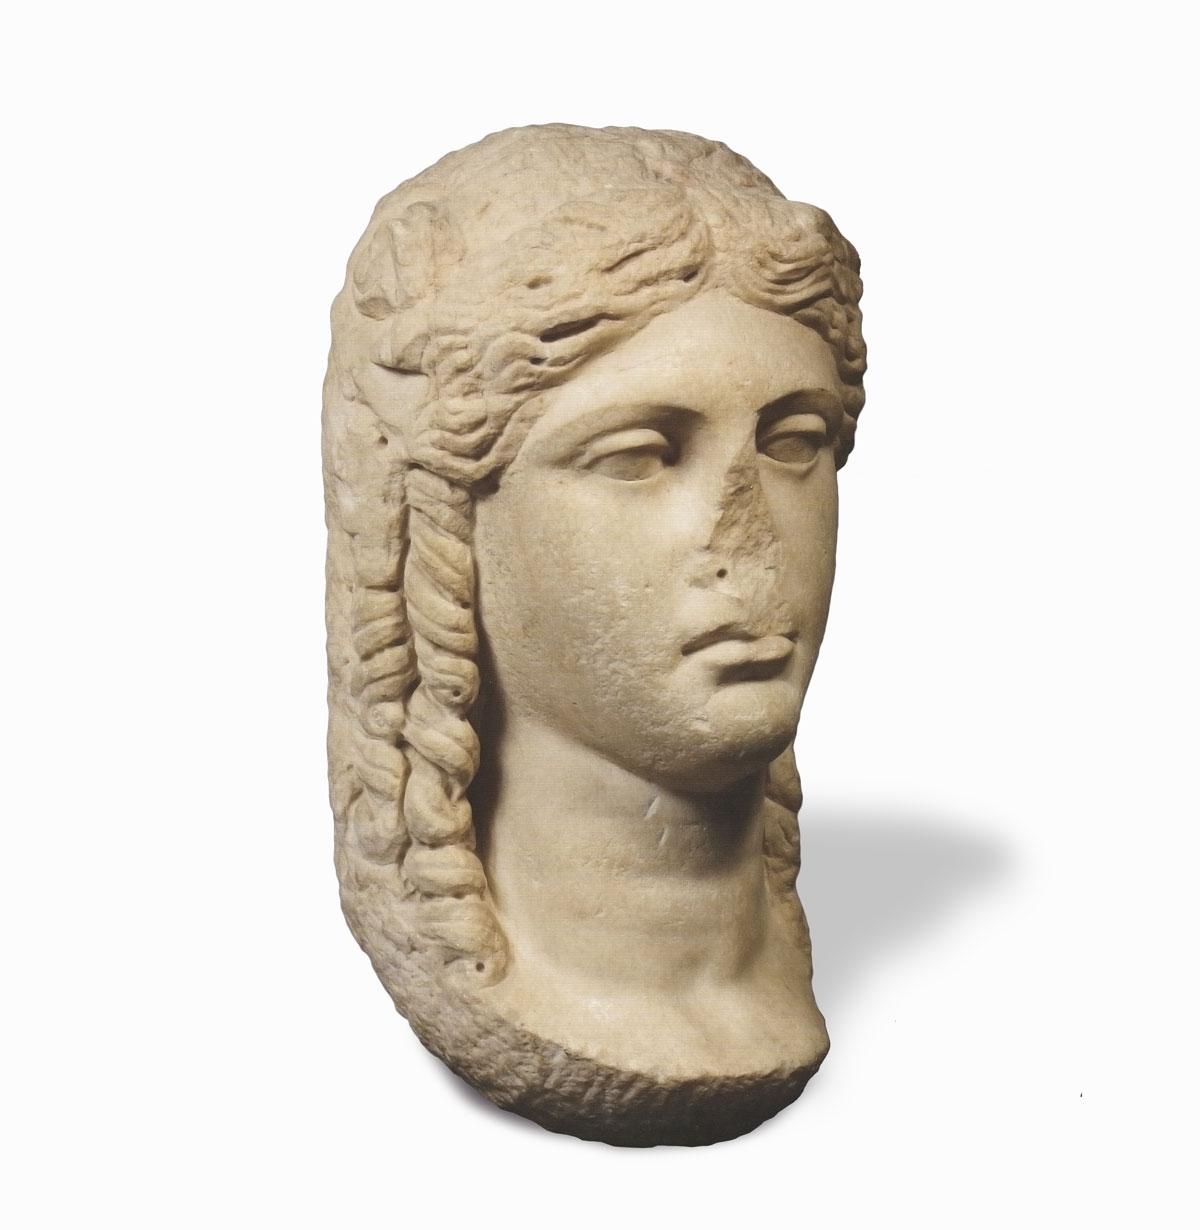 Archéologie romaine. Tête en marbre, prix sculpture romaine estimation expertise vendre archéologie tete, buste, vase, romaine,